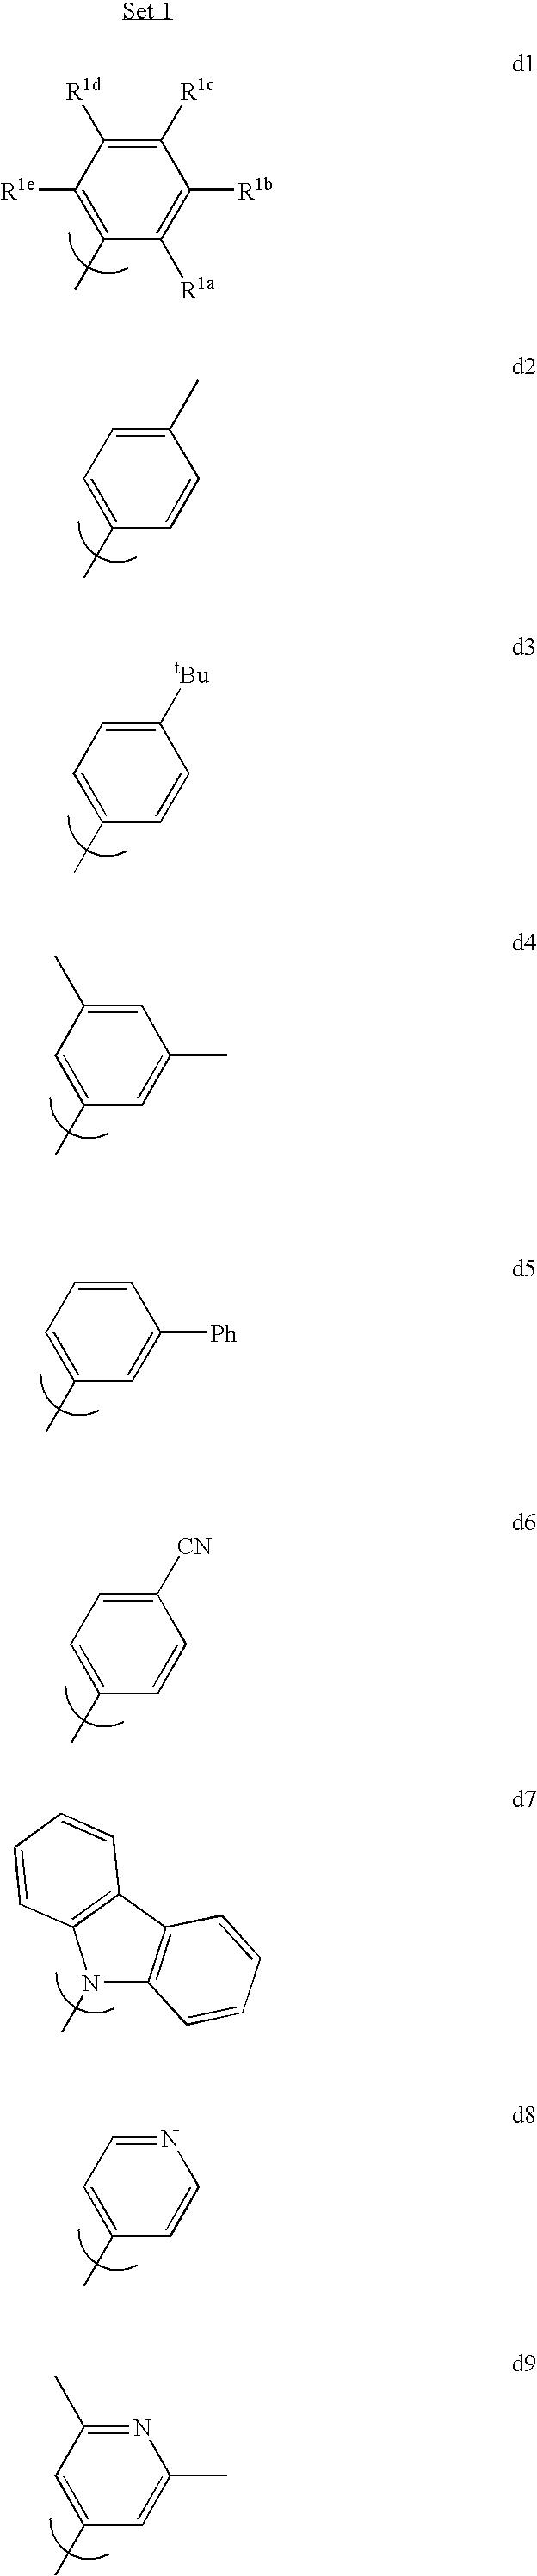 Figure US20070088167A1-20070419-C00002